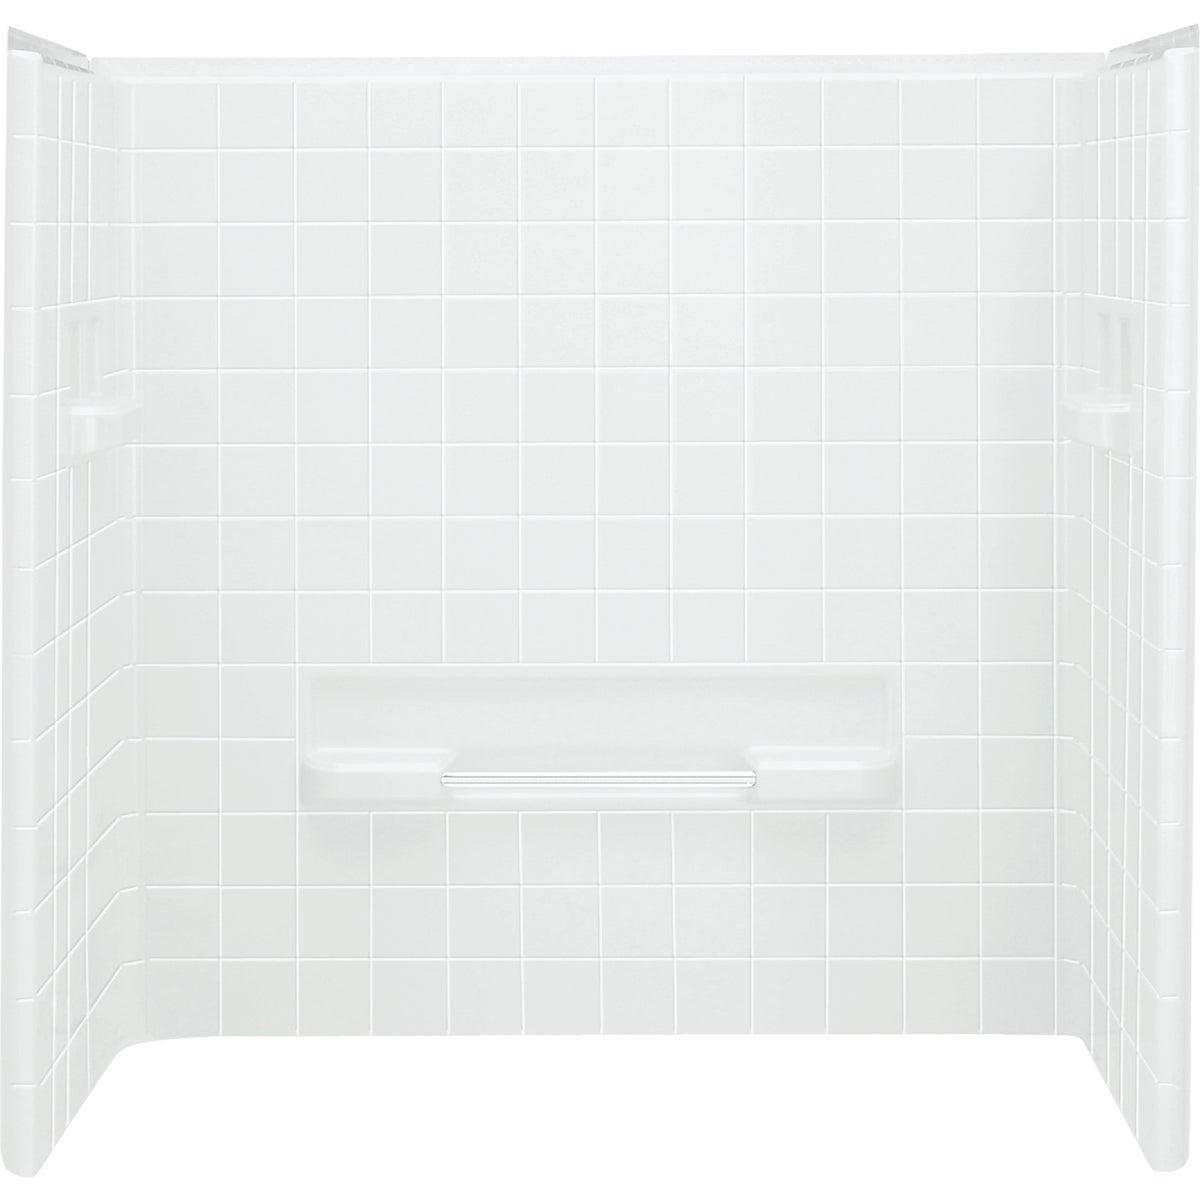 ALL PRO WHITE WALLSET - 61044100-0 by Sterling Pbg/vikrell